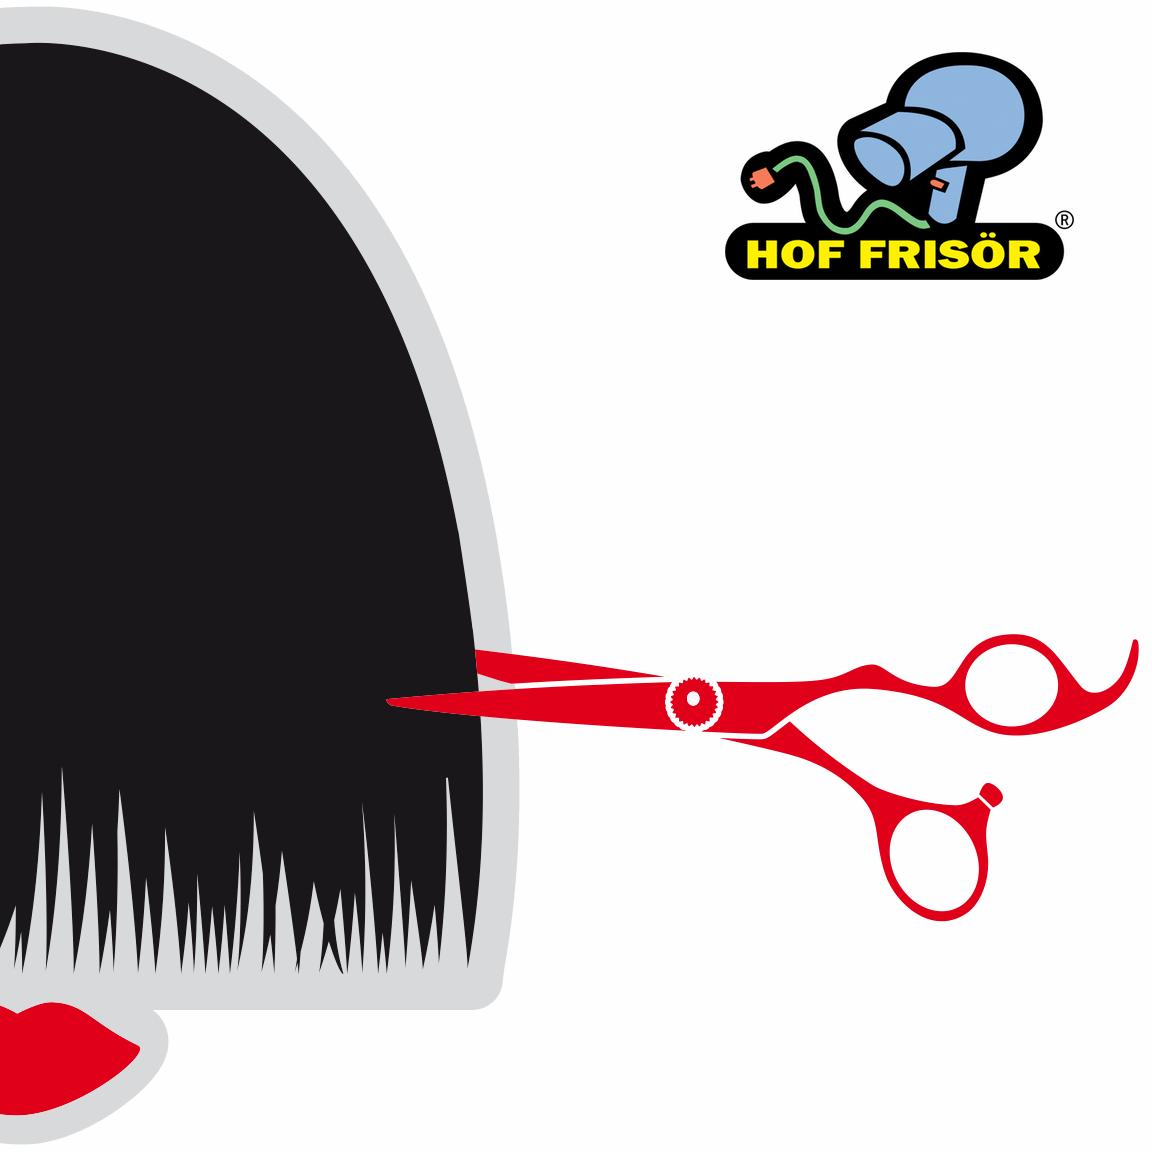 HOF FRISÖR: Mach was du willst. Einen richtig guten Haarschnitt nämlich. Du willst es doch auch. Ja, alles komplett für nur 39 € für alle und jede/jeden und alle Haarlängen sowieso …